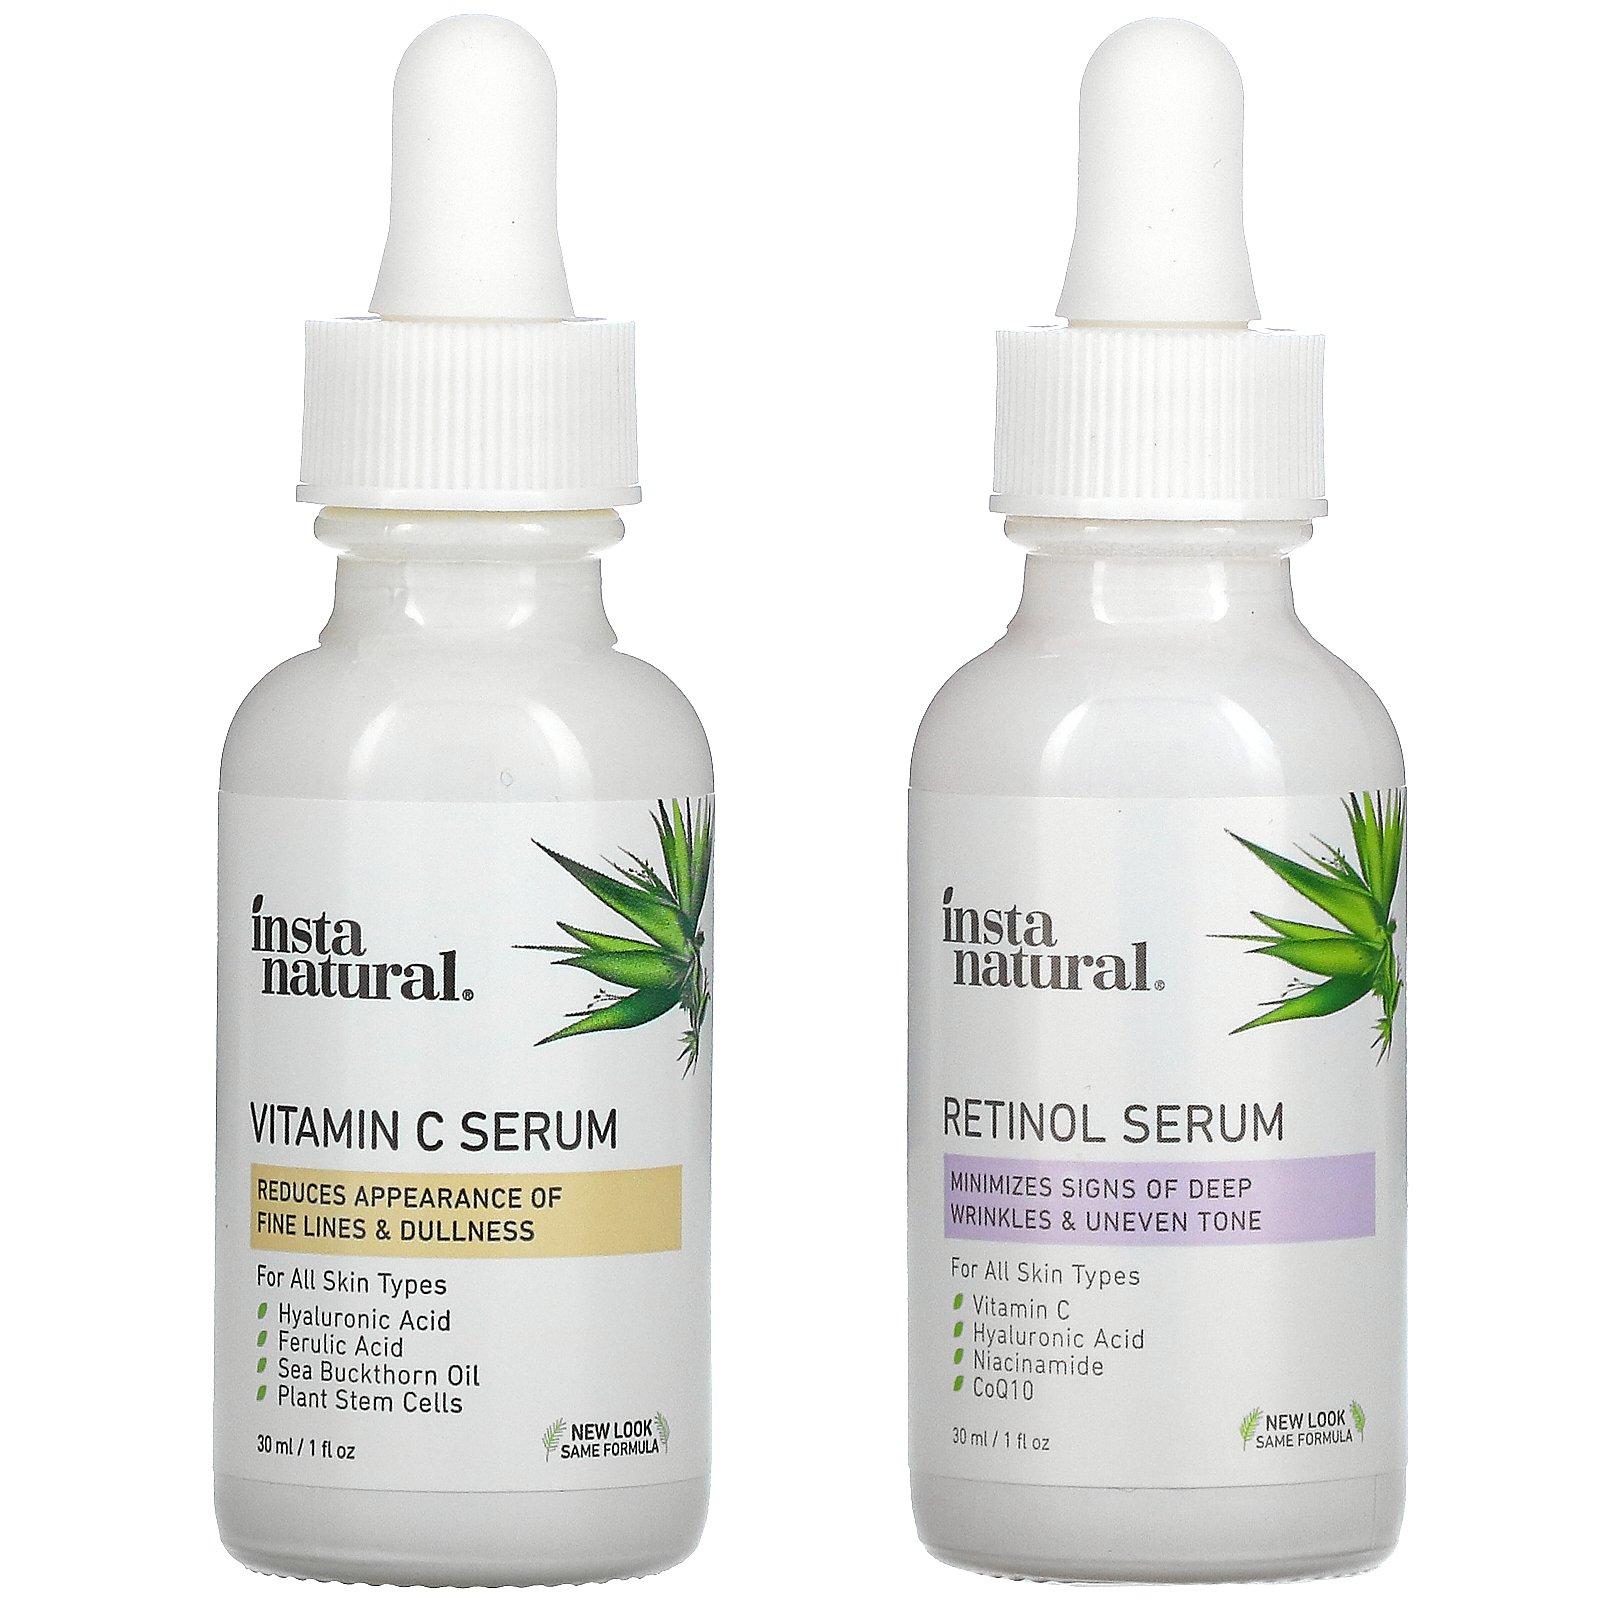 InstaNatural, Day & Night Skin Duo, Age Defying Serum Kit, 2 Bottles, 1 oz (30 ml) Each